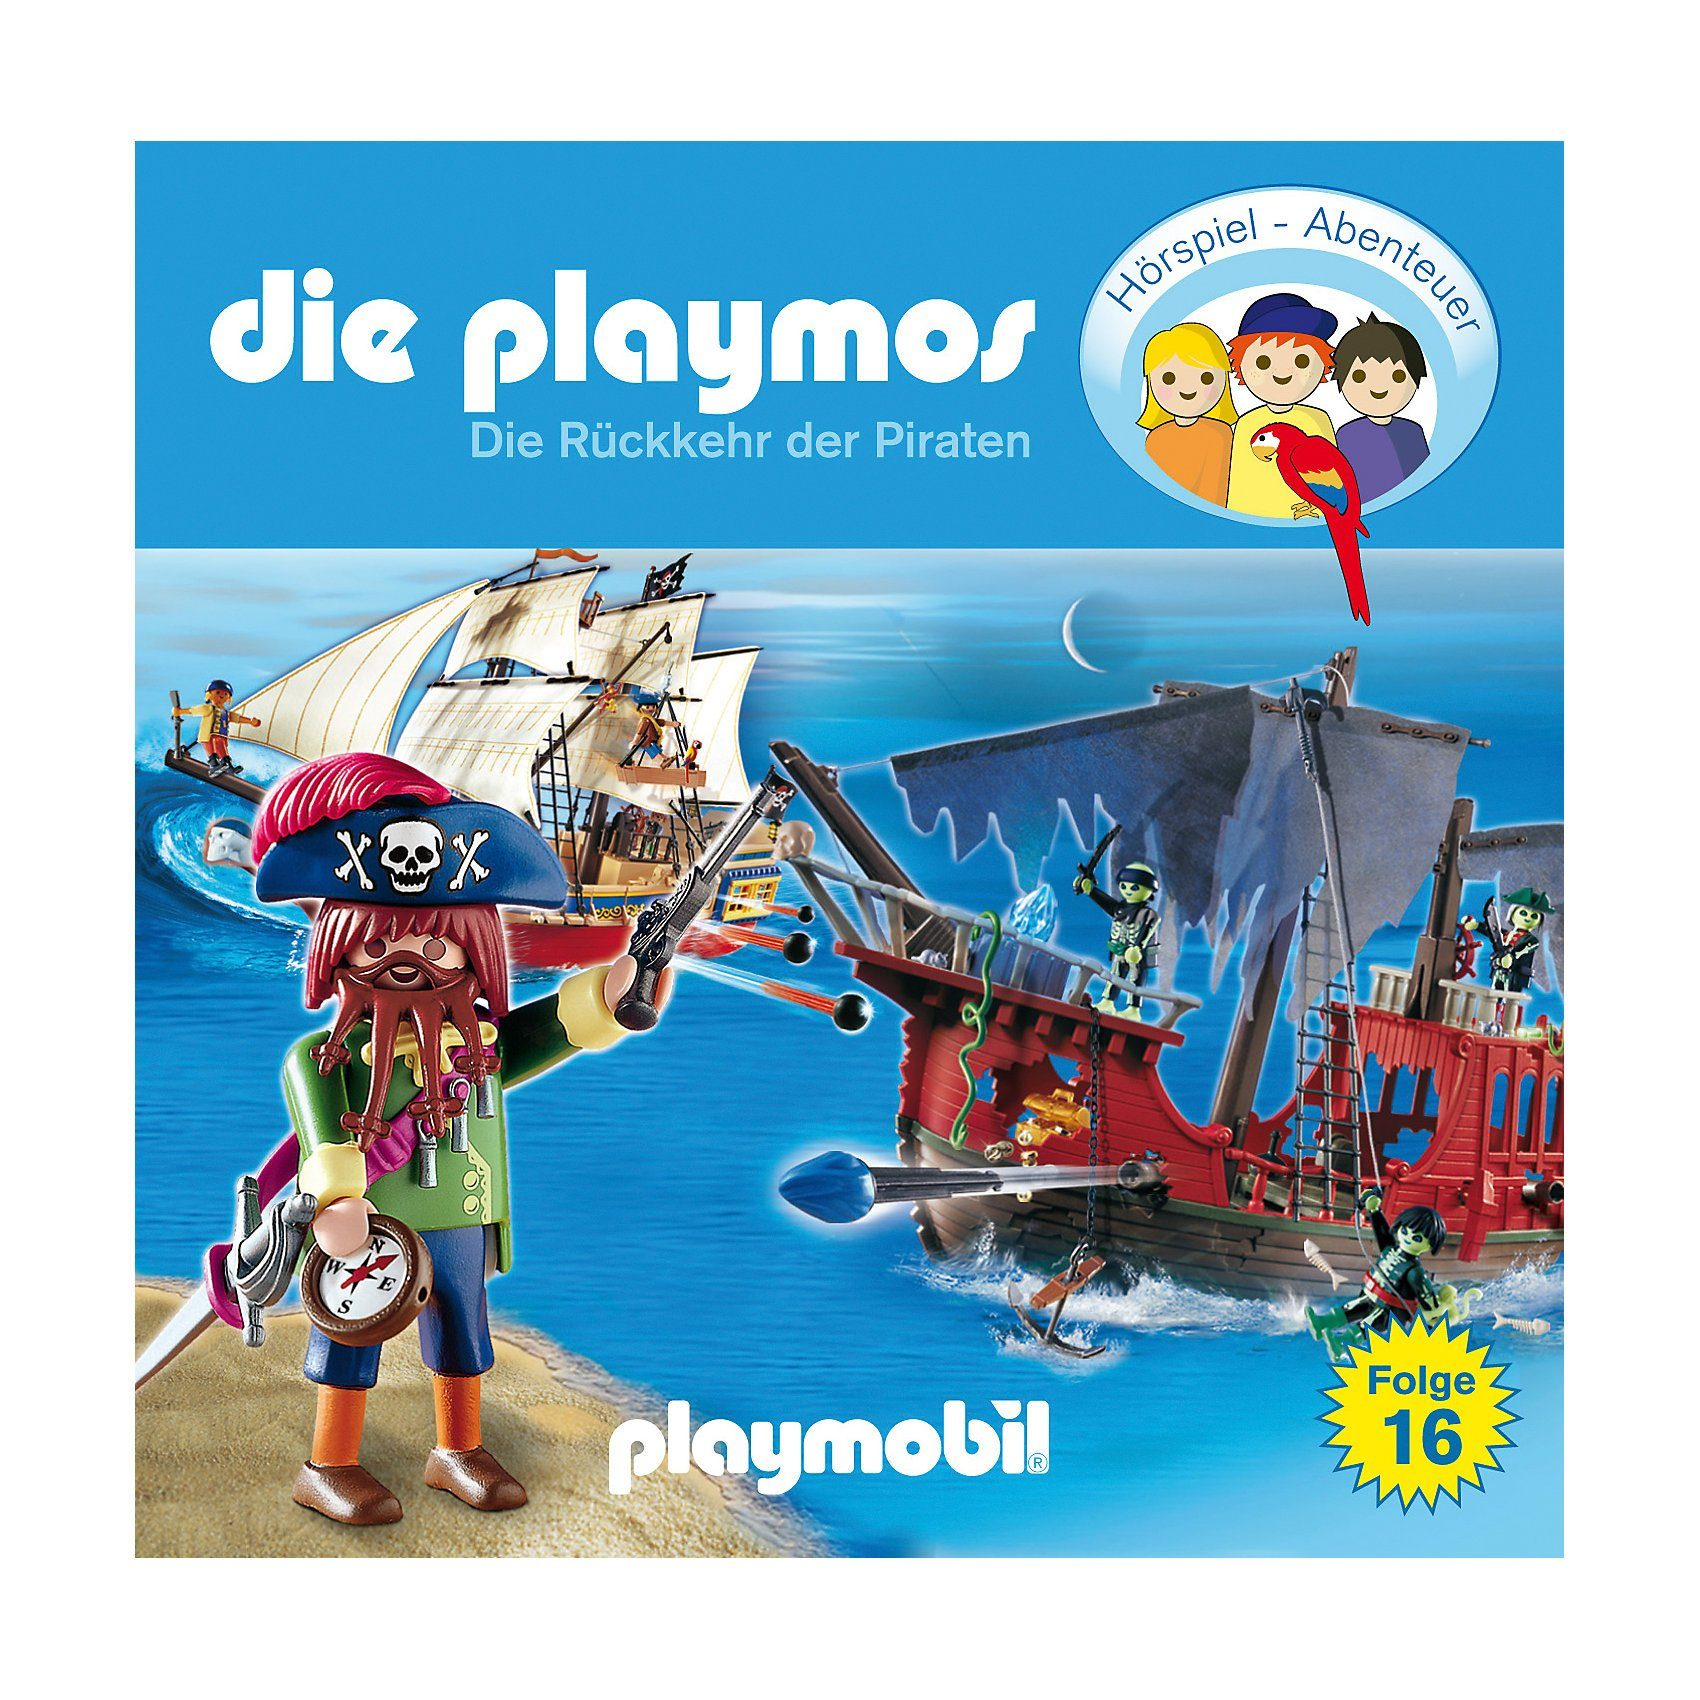 Edel Germany GmbH CD Die Playmos 16 - Die Rückkehr der Piraten